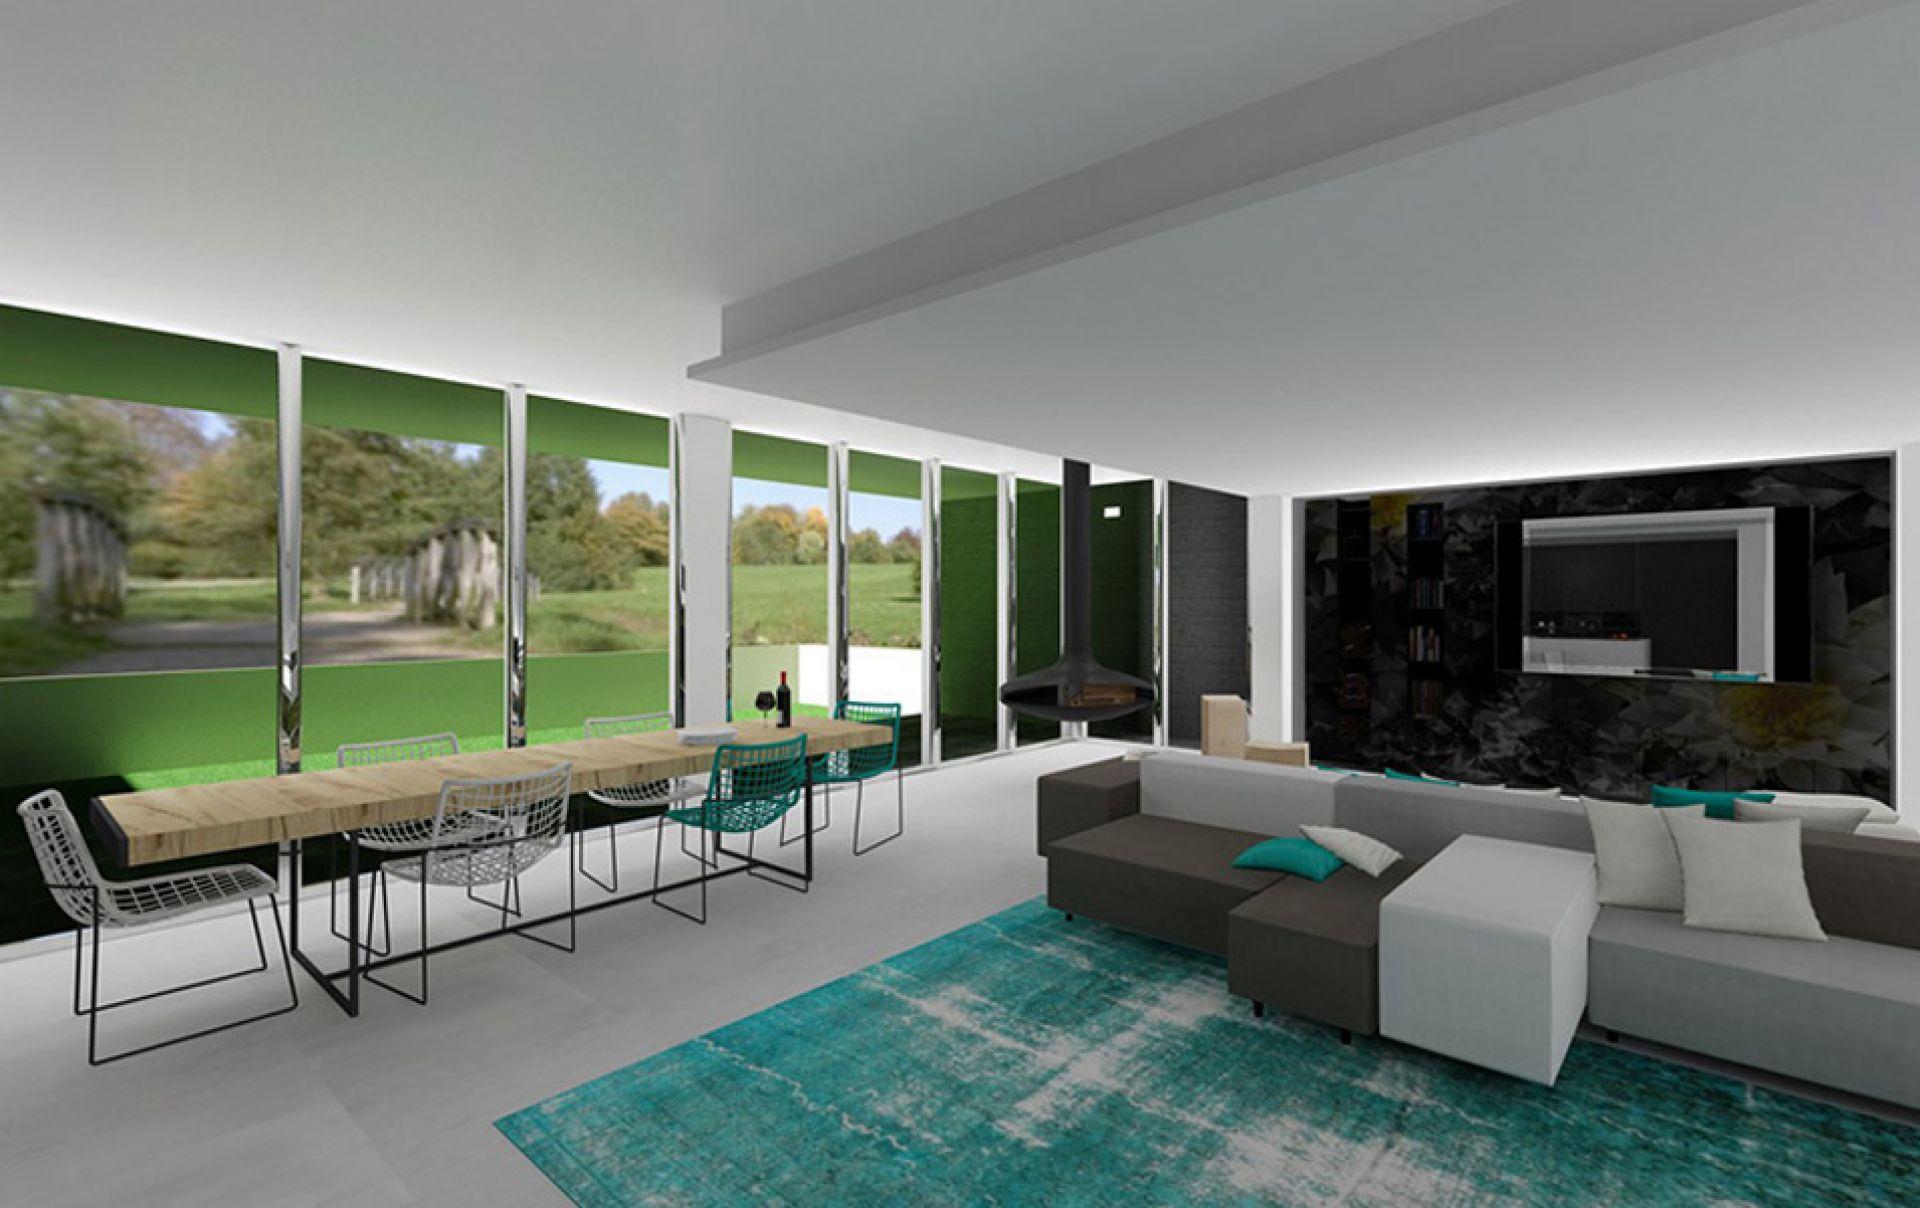 Casa Tua Arredamenti Rovato progettazione arredi su misura rovato | abc interni